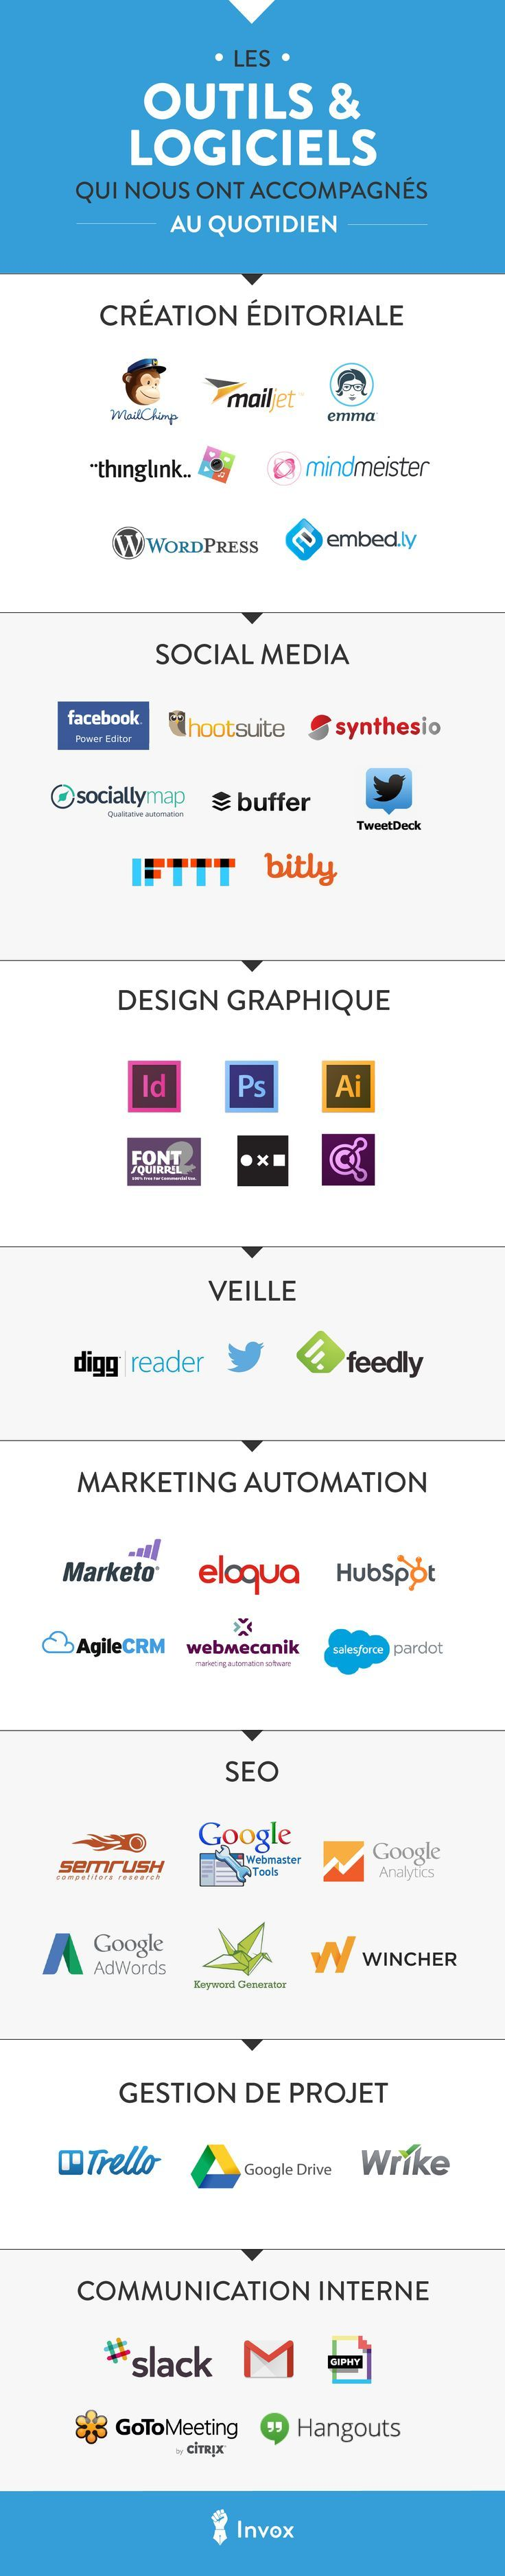 [Infographies] - Les outils et logiciels qui nous ont accompagnés au quotidien #Marketing #Programs #logiciel